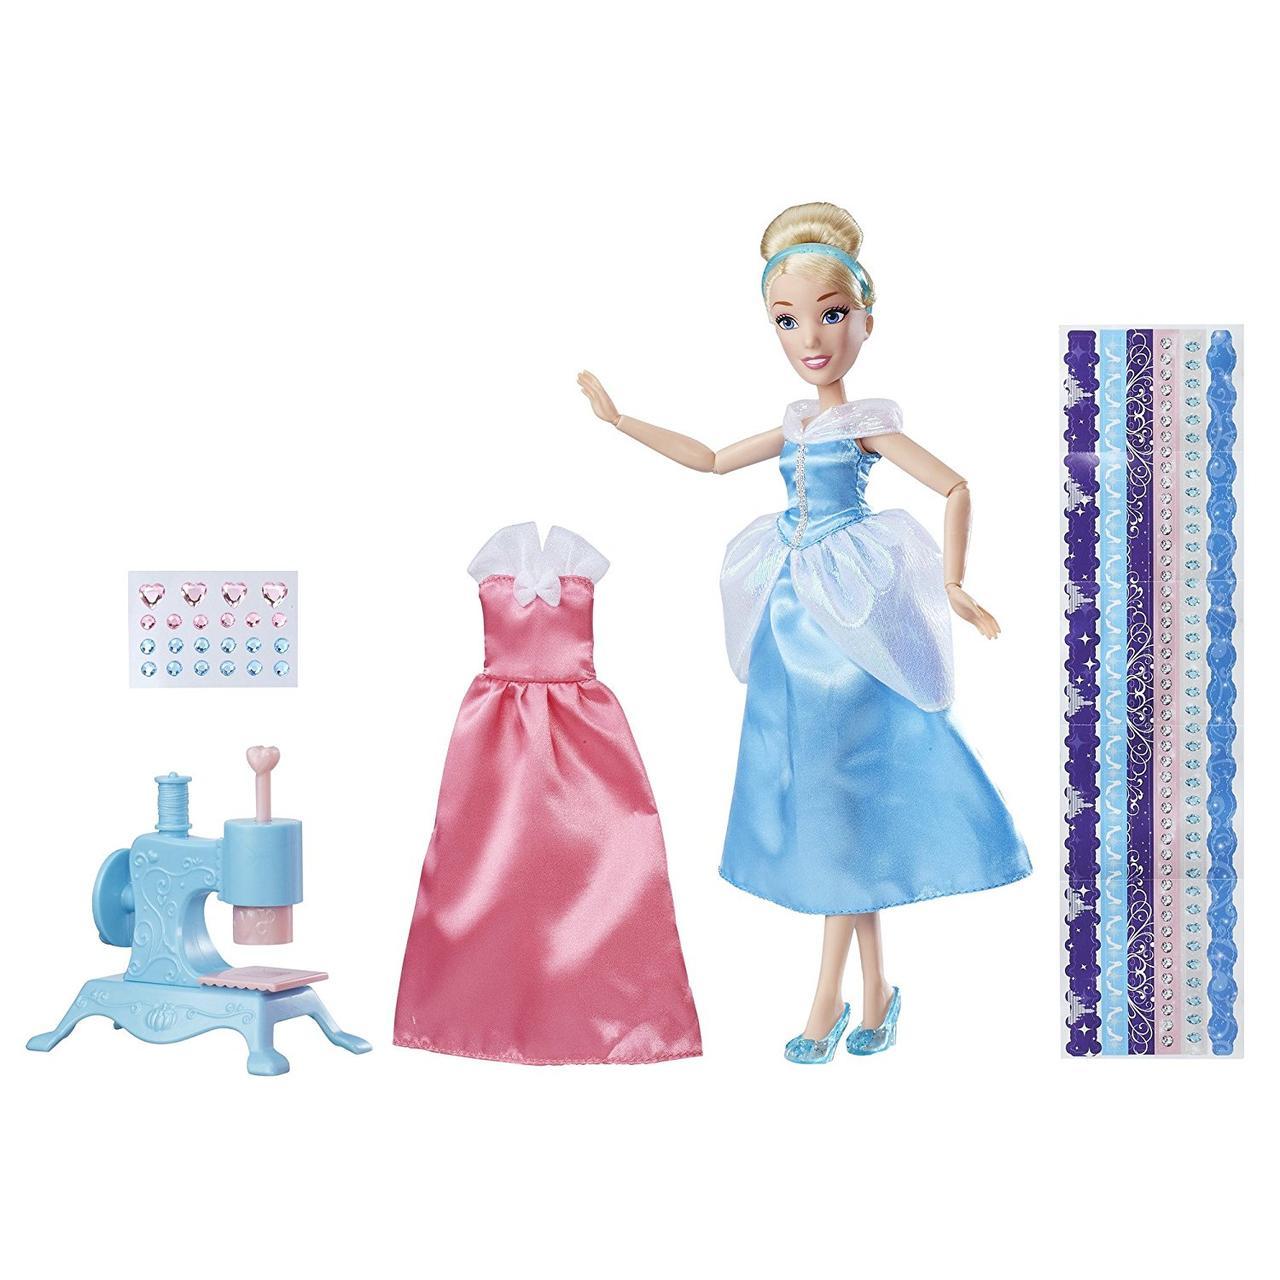 Игровой набор Золушка Студия Дизайна с аксессуарами Disney Princess Cinderella's Stamp 'n Design Studio